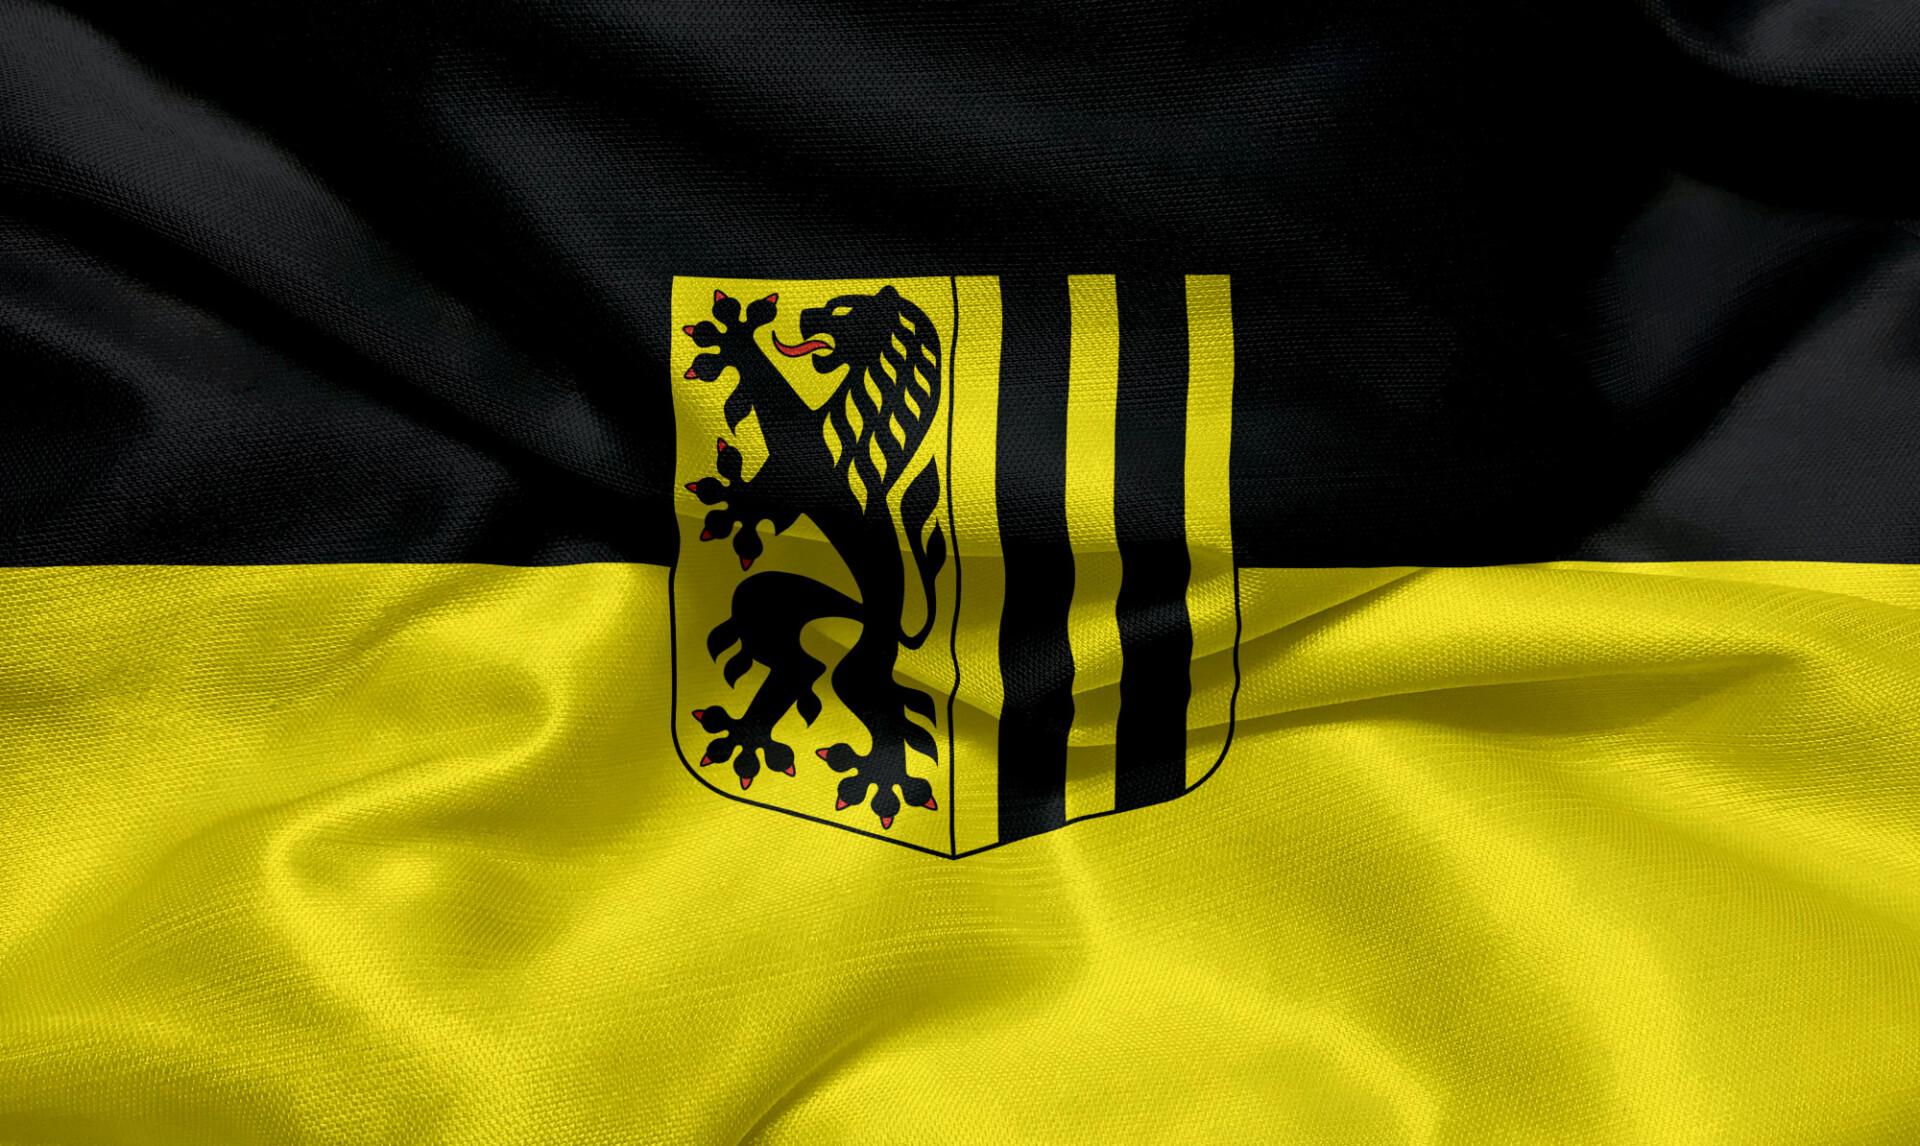 City flag of Dresden